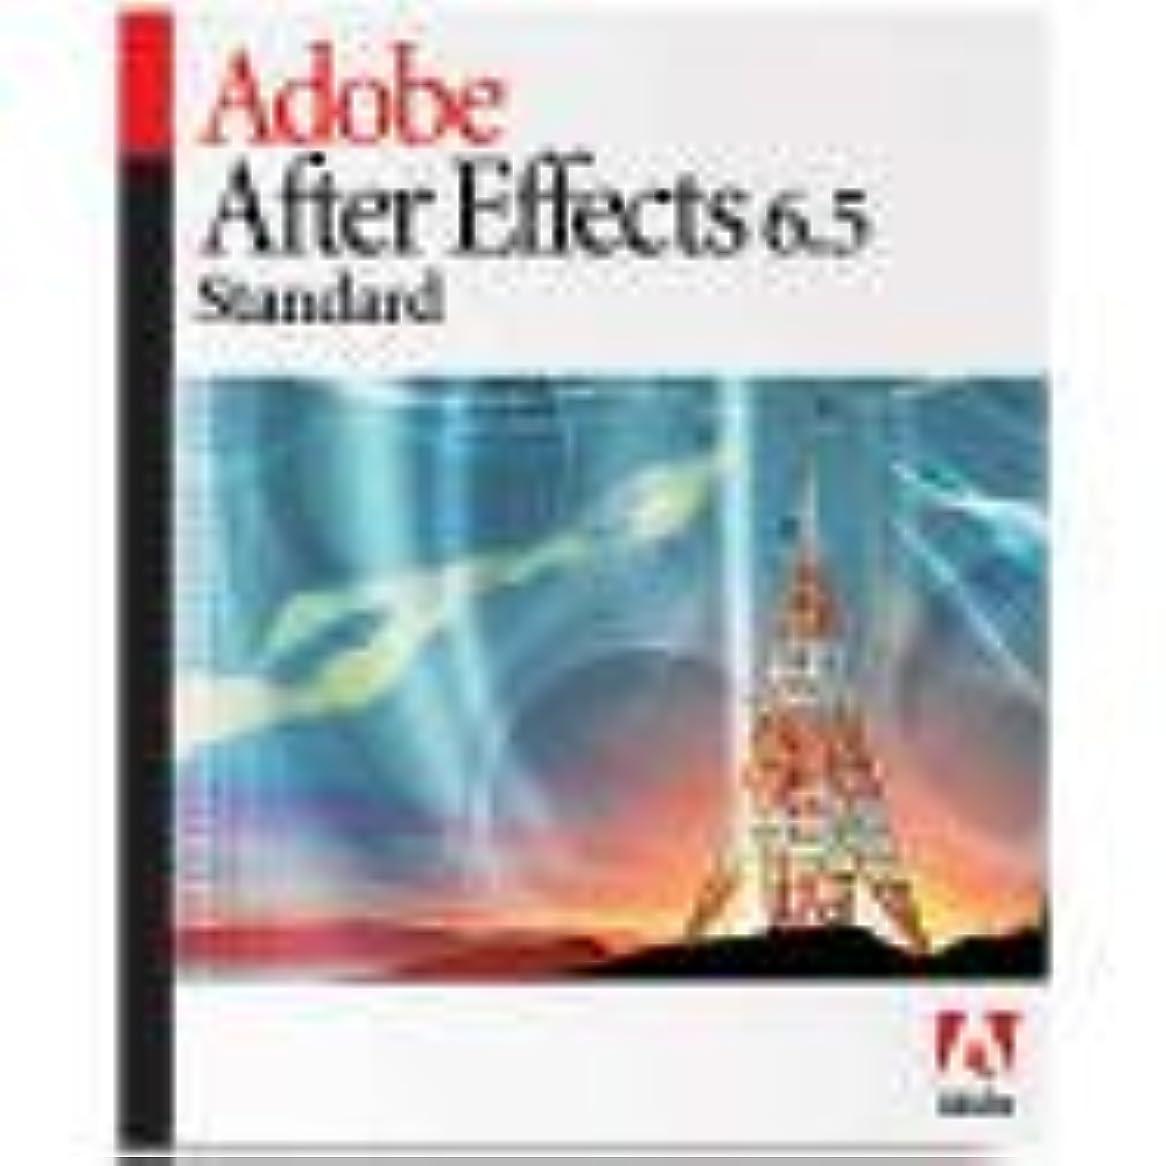 調整可能スティーブンソン爆弾Adobe After Effects 6.5 Standard 日本語版(Win)